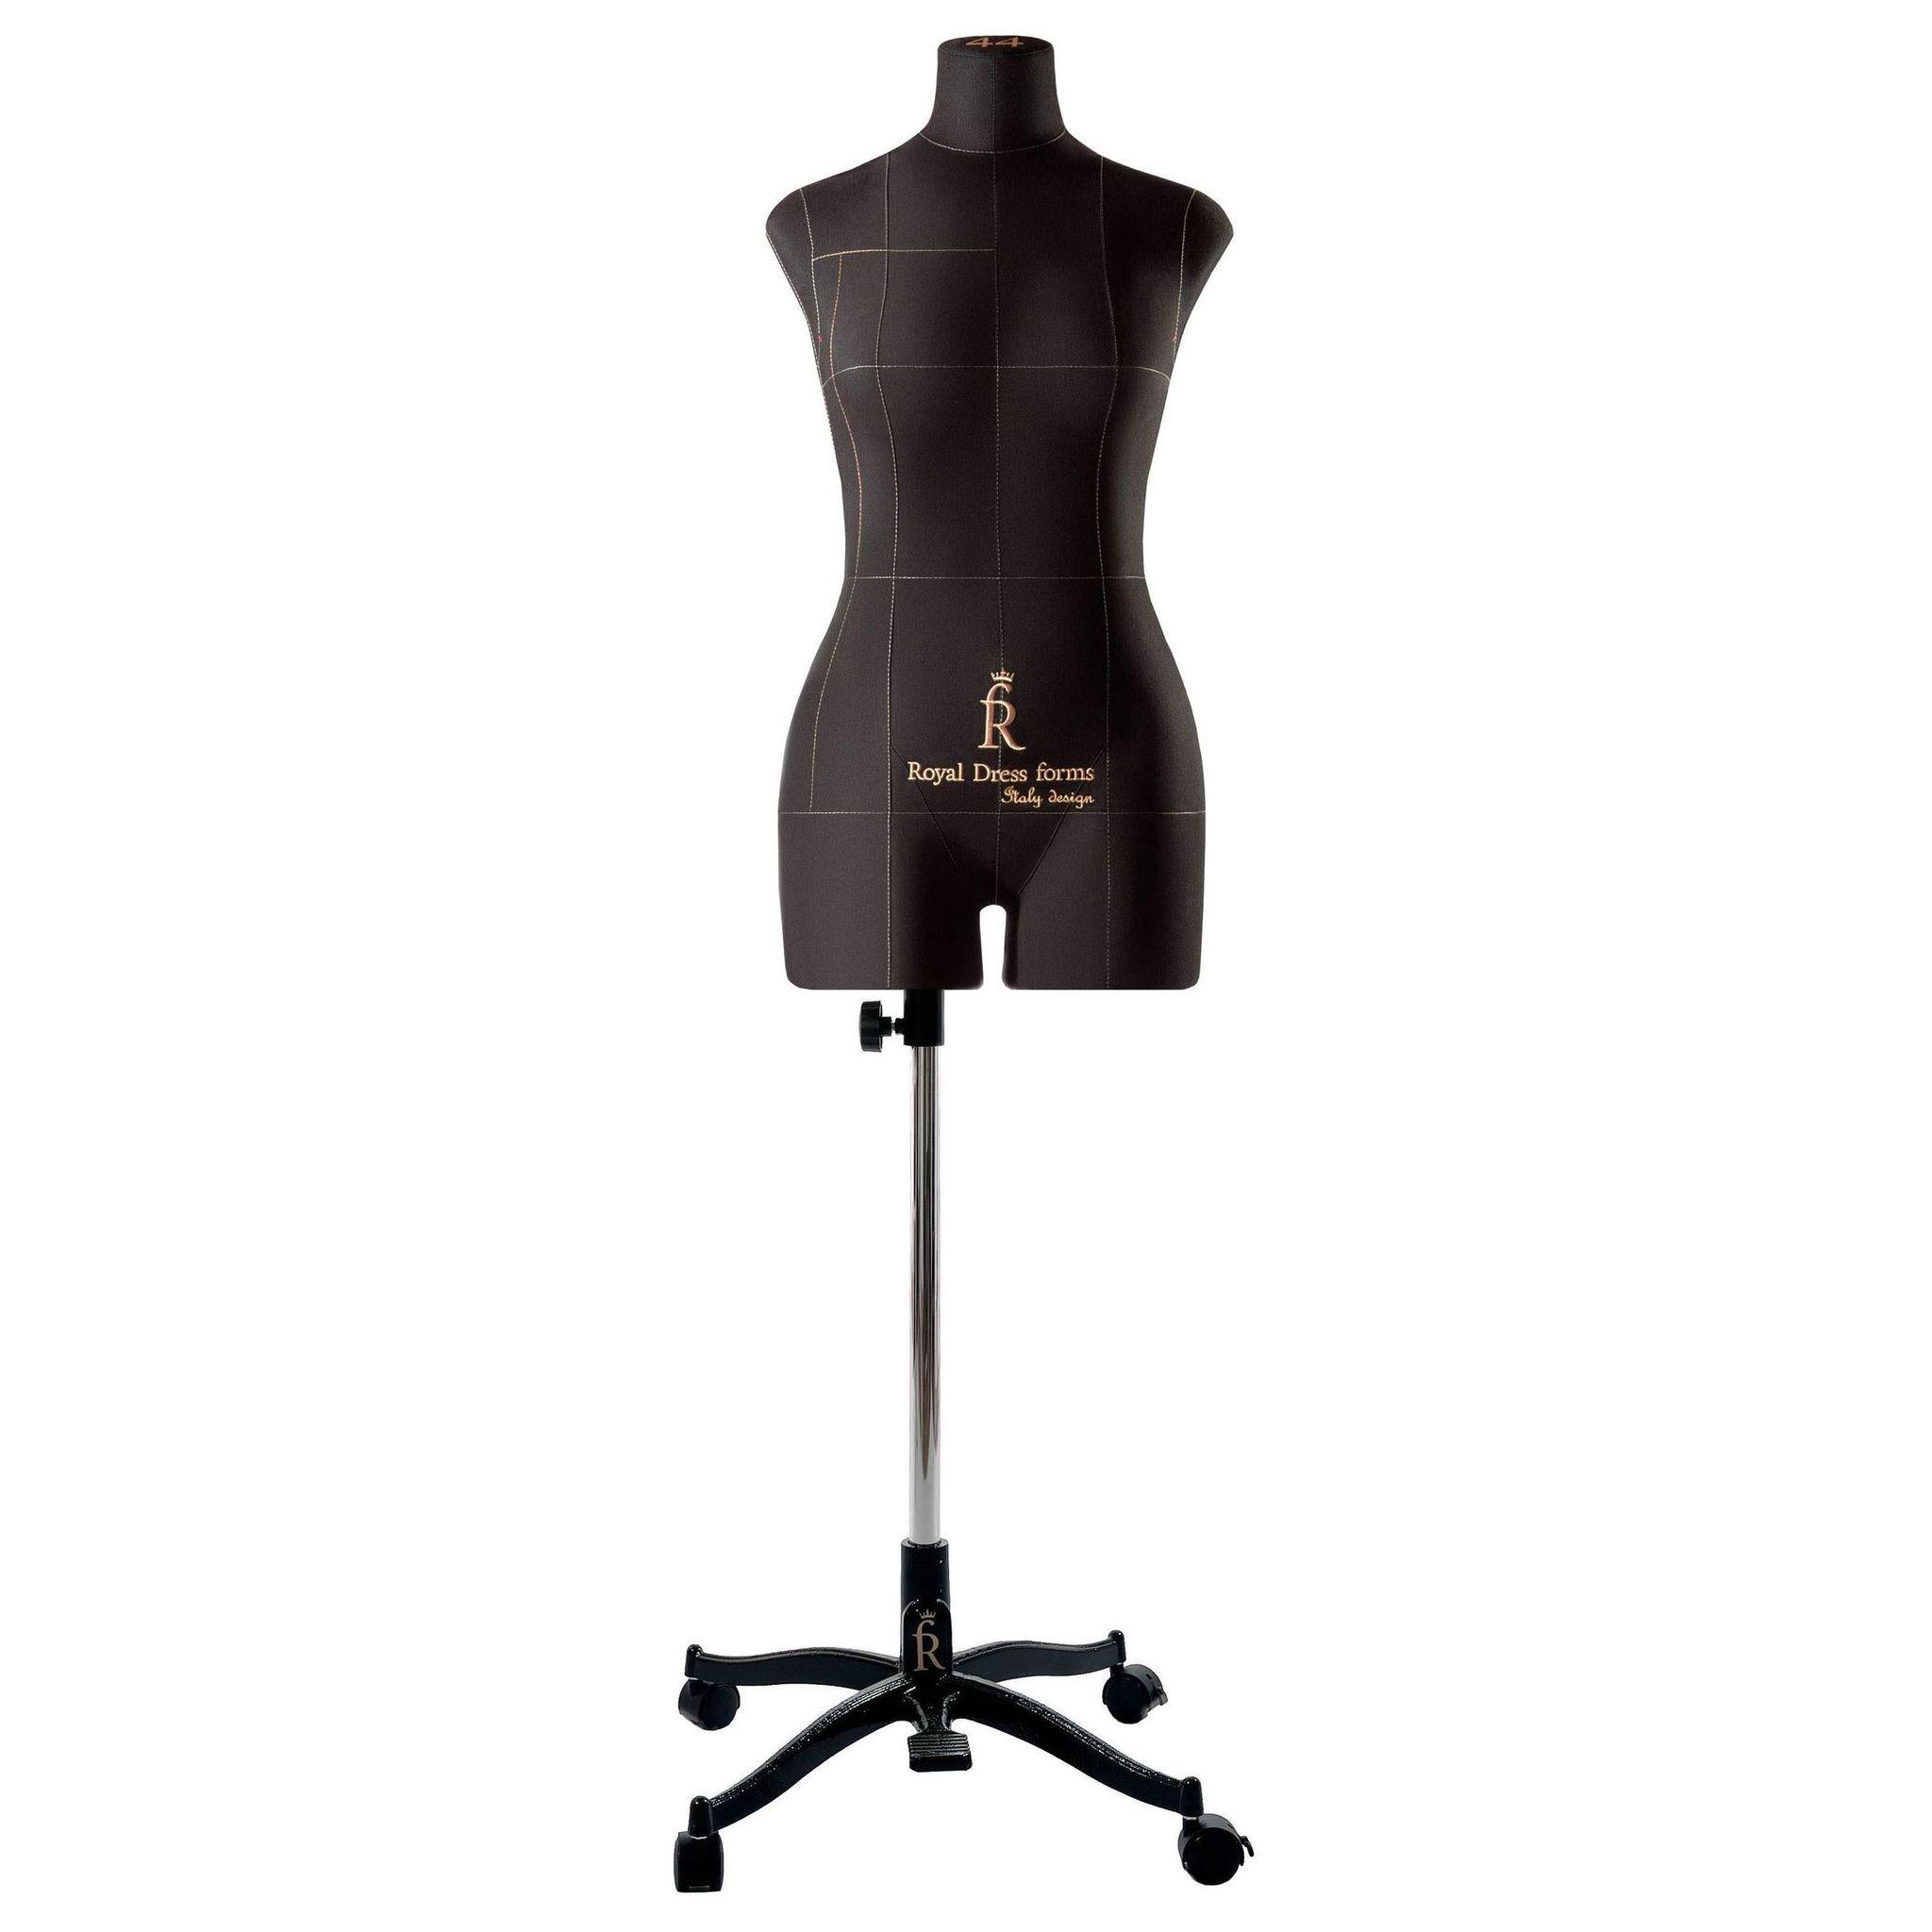 Манекен портновский Моника, комплект Премиум, размер 44, ЧерныйФото 3